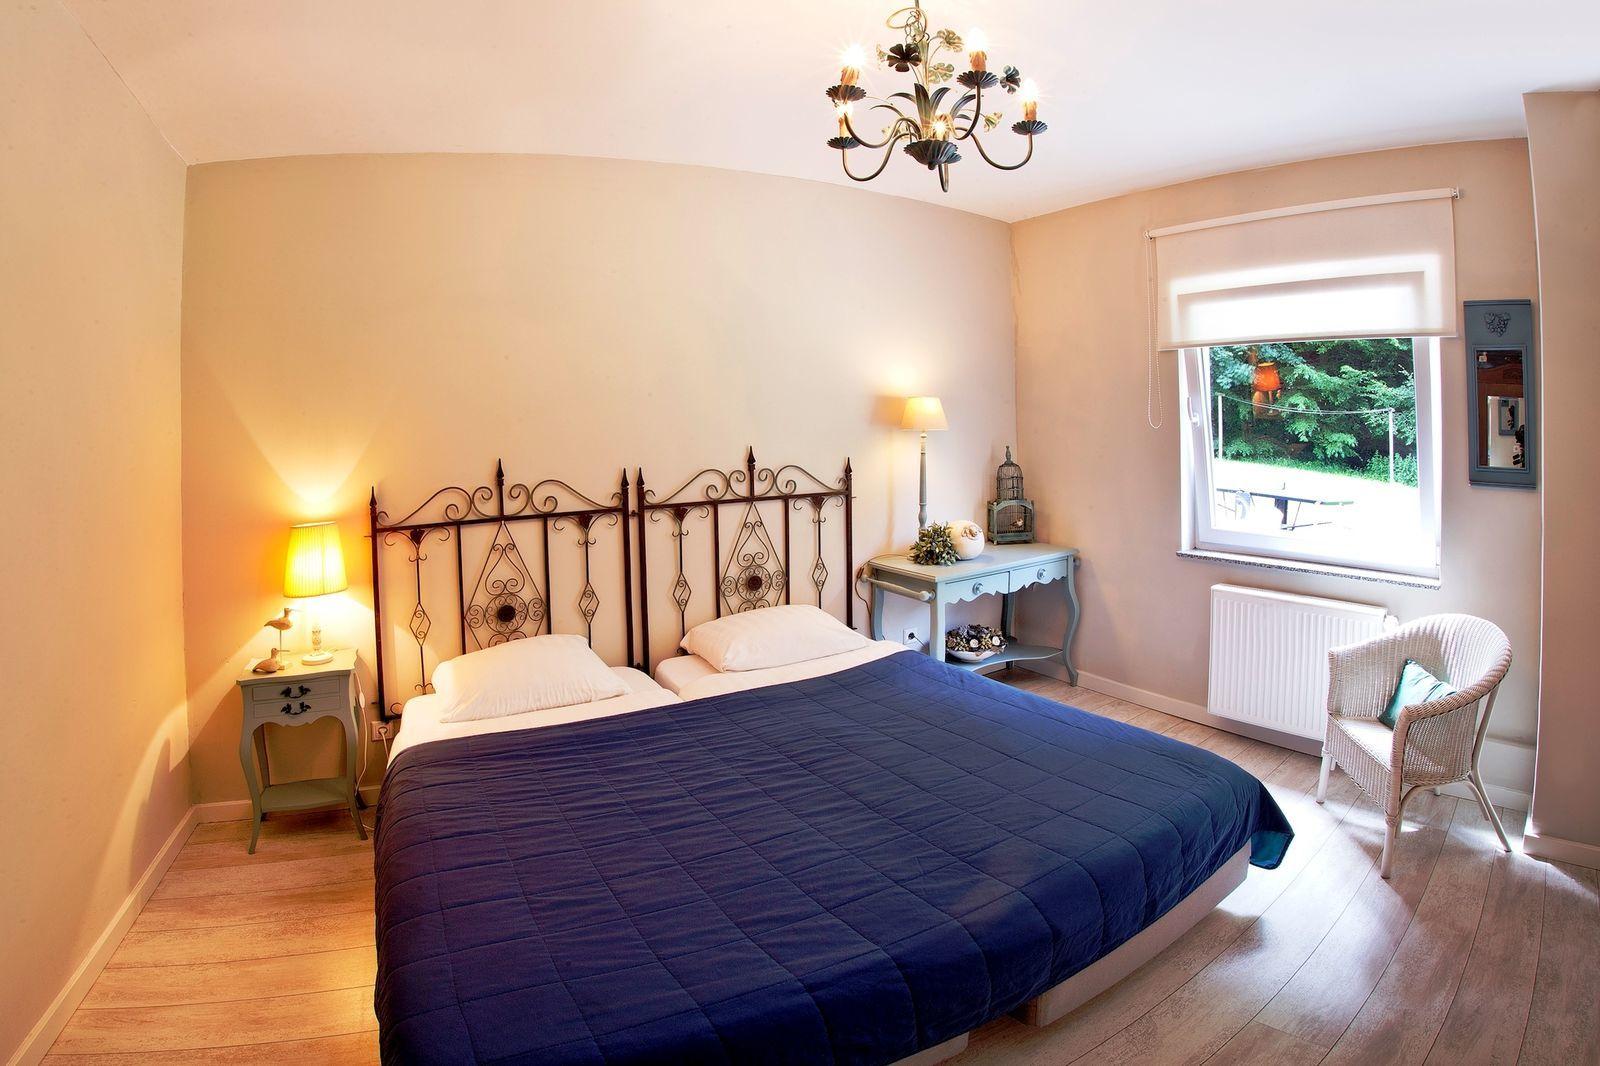 huize schutzbach xl luxe vakantiehuis in de natuur van duitsland